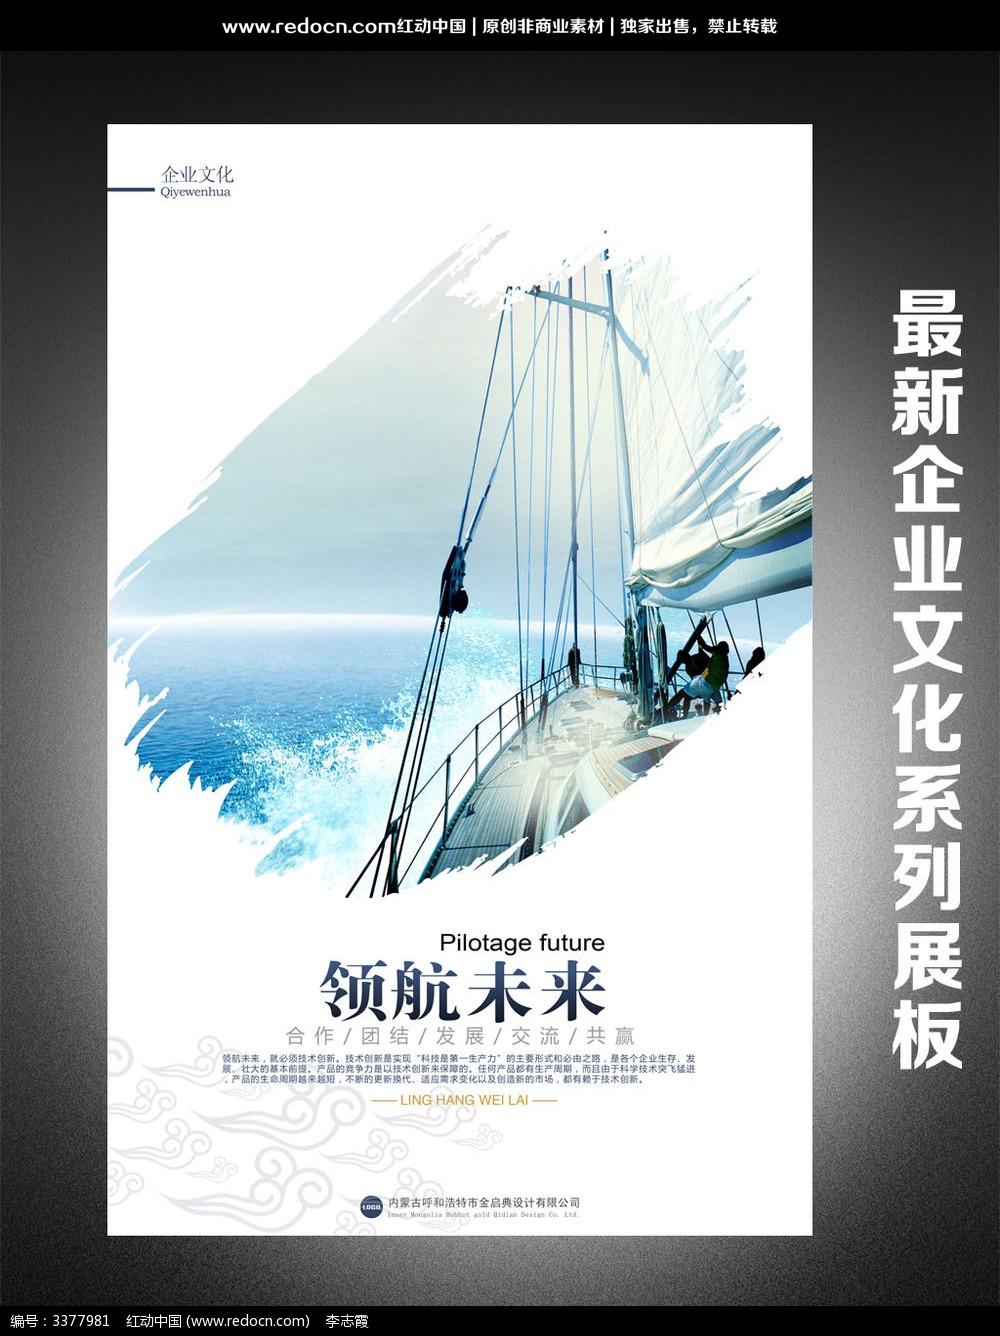 领航未来企业文化宣传海报